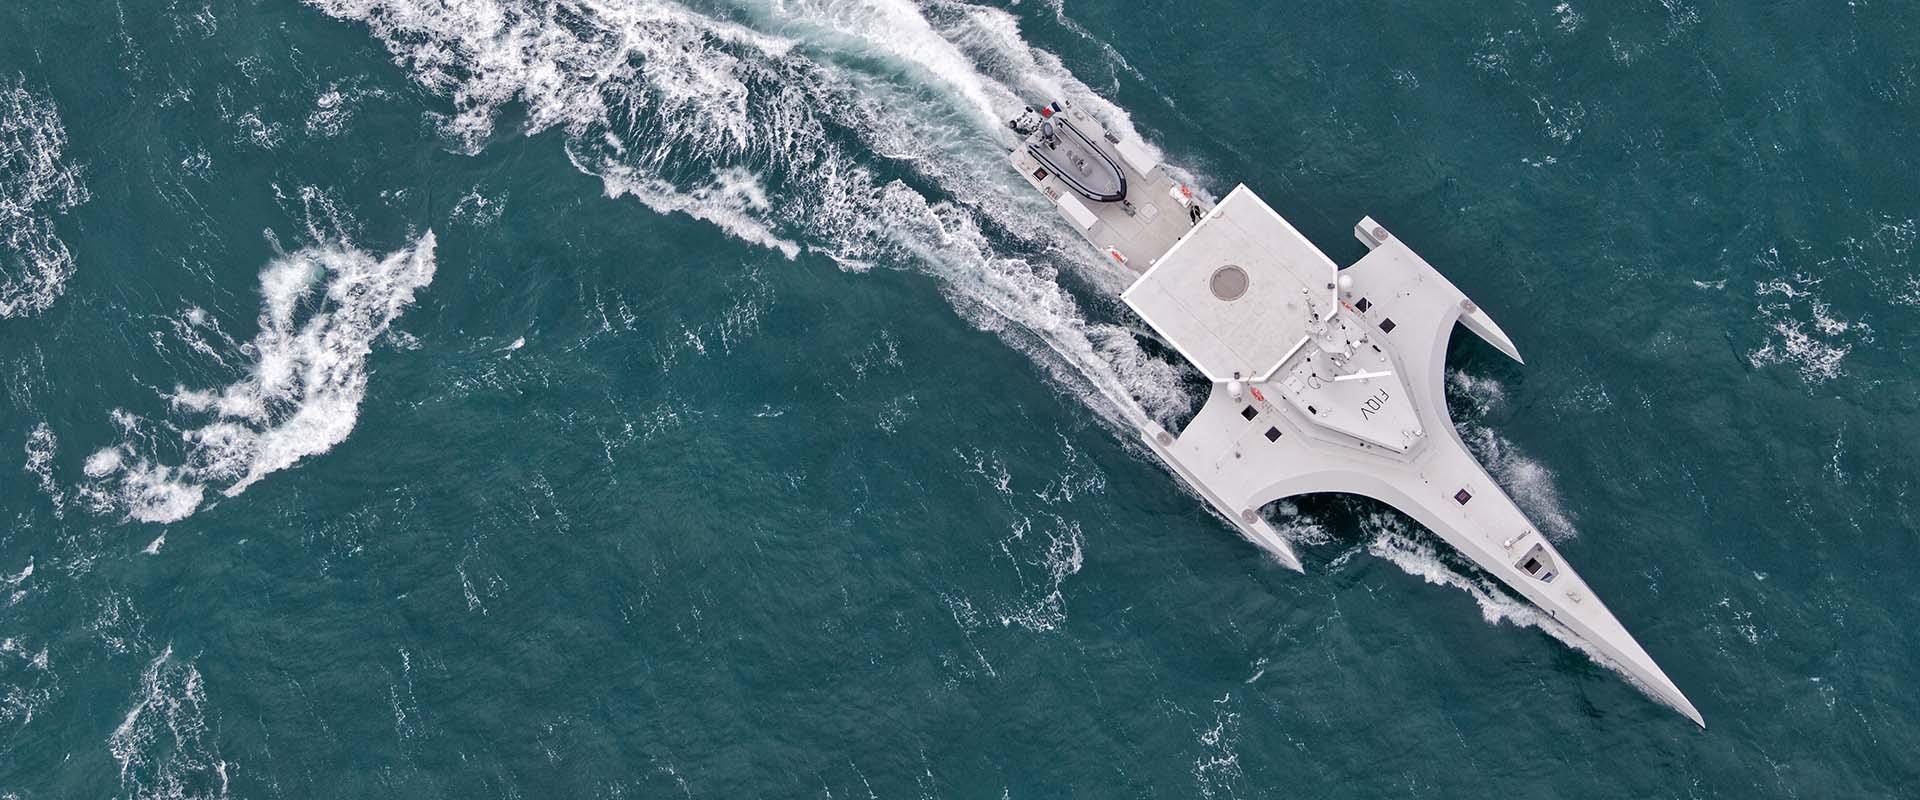 Die OCEAN EAGLE während einer ihrer vielen Testfahrten.